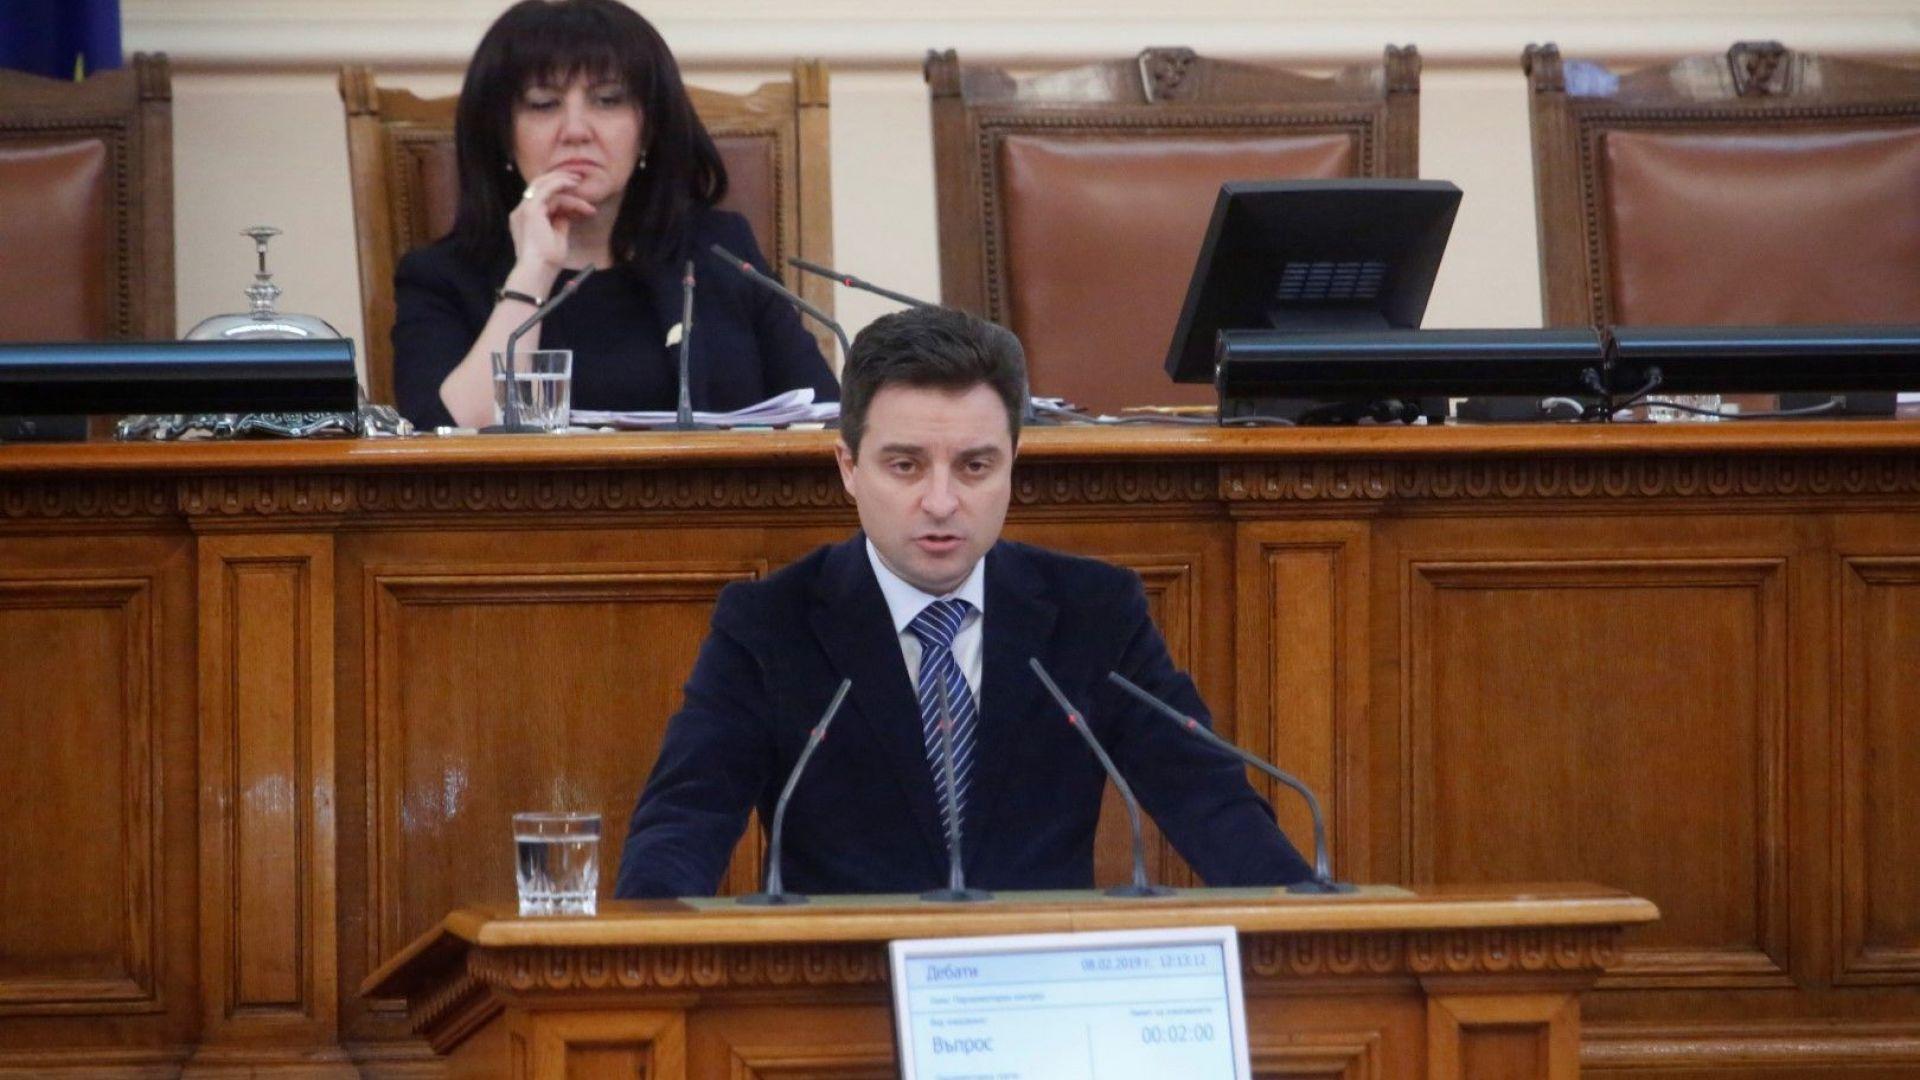 Димитър Данчев, депутат от БСП